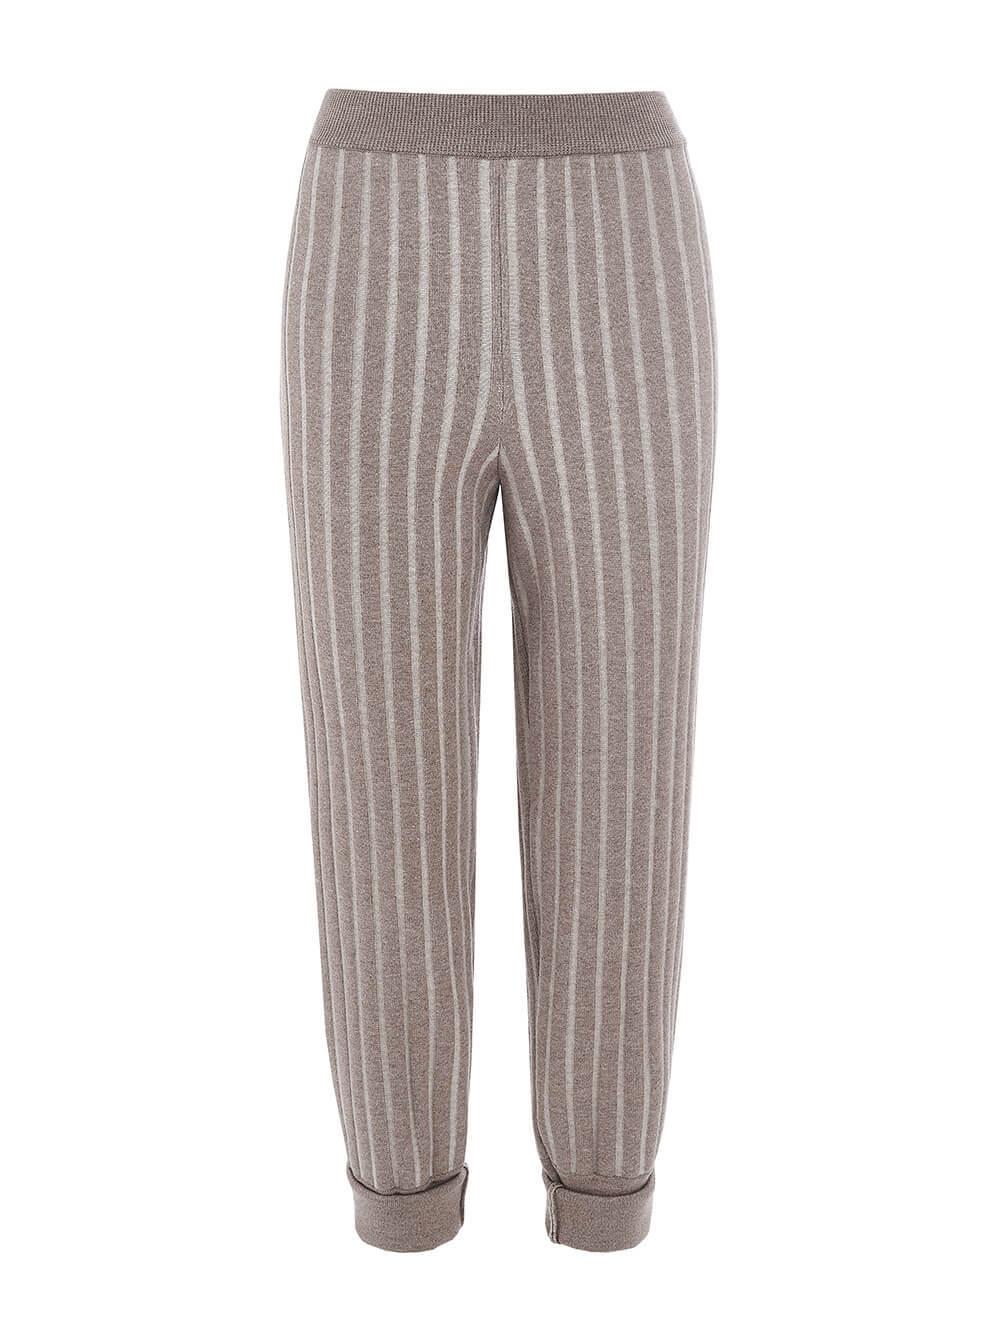 Женские брюки темно-кофейного цвета из вискозы - фото 1